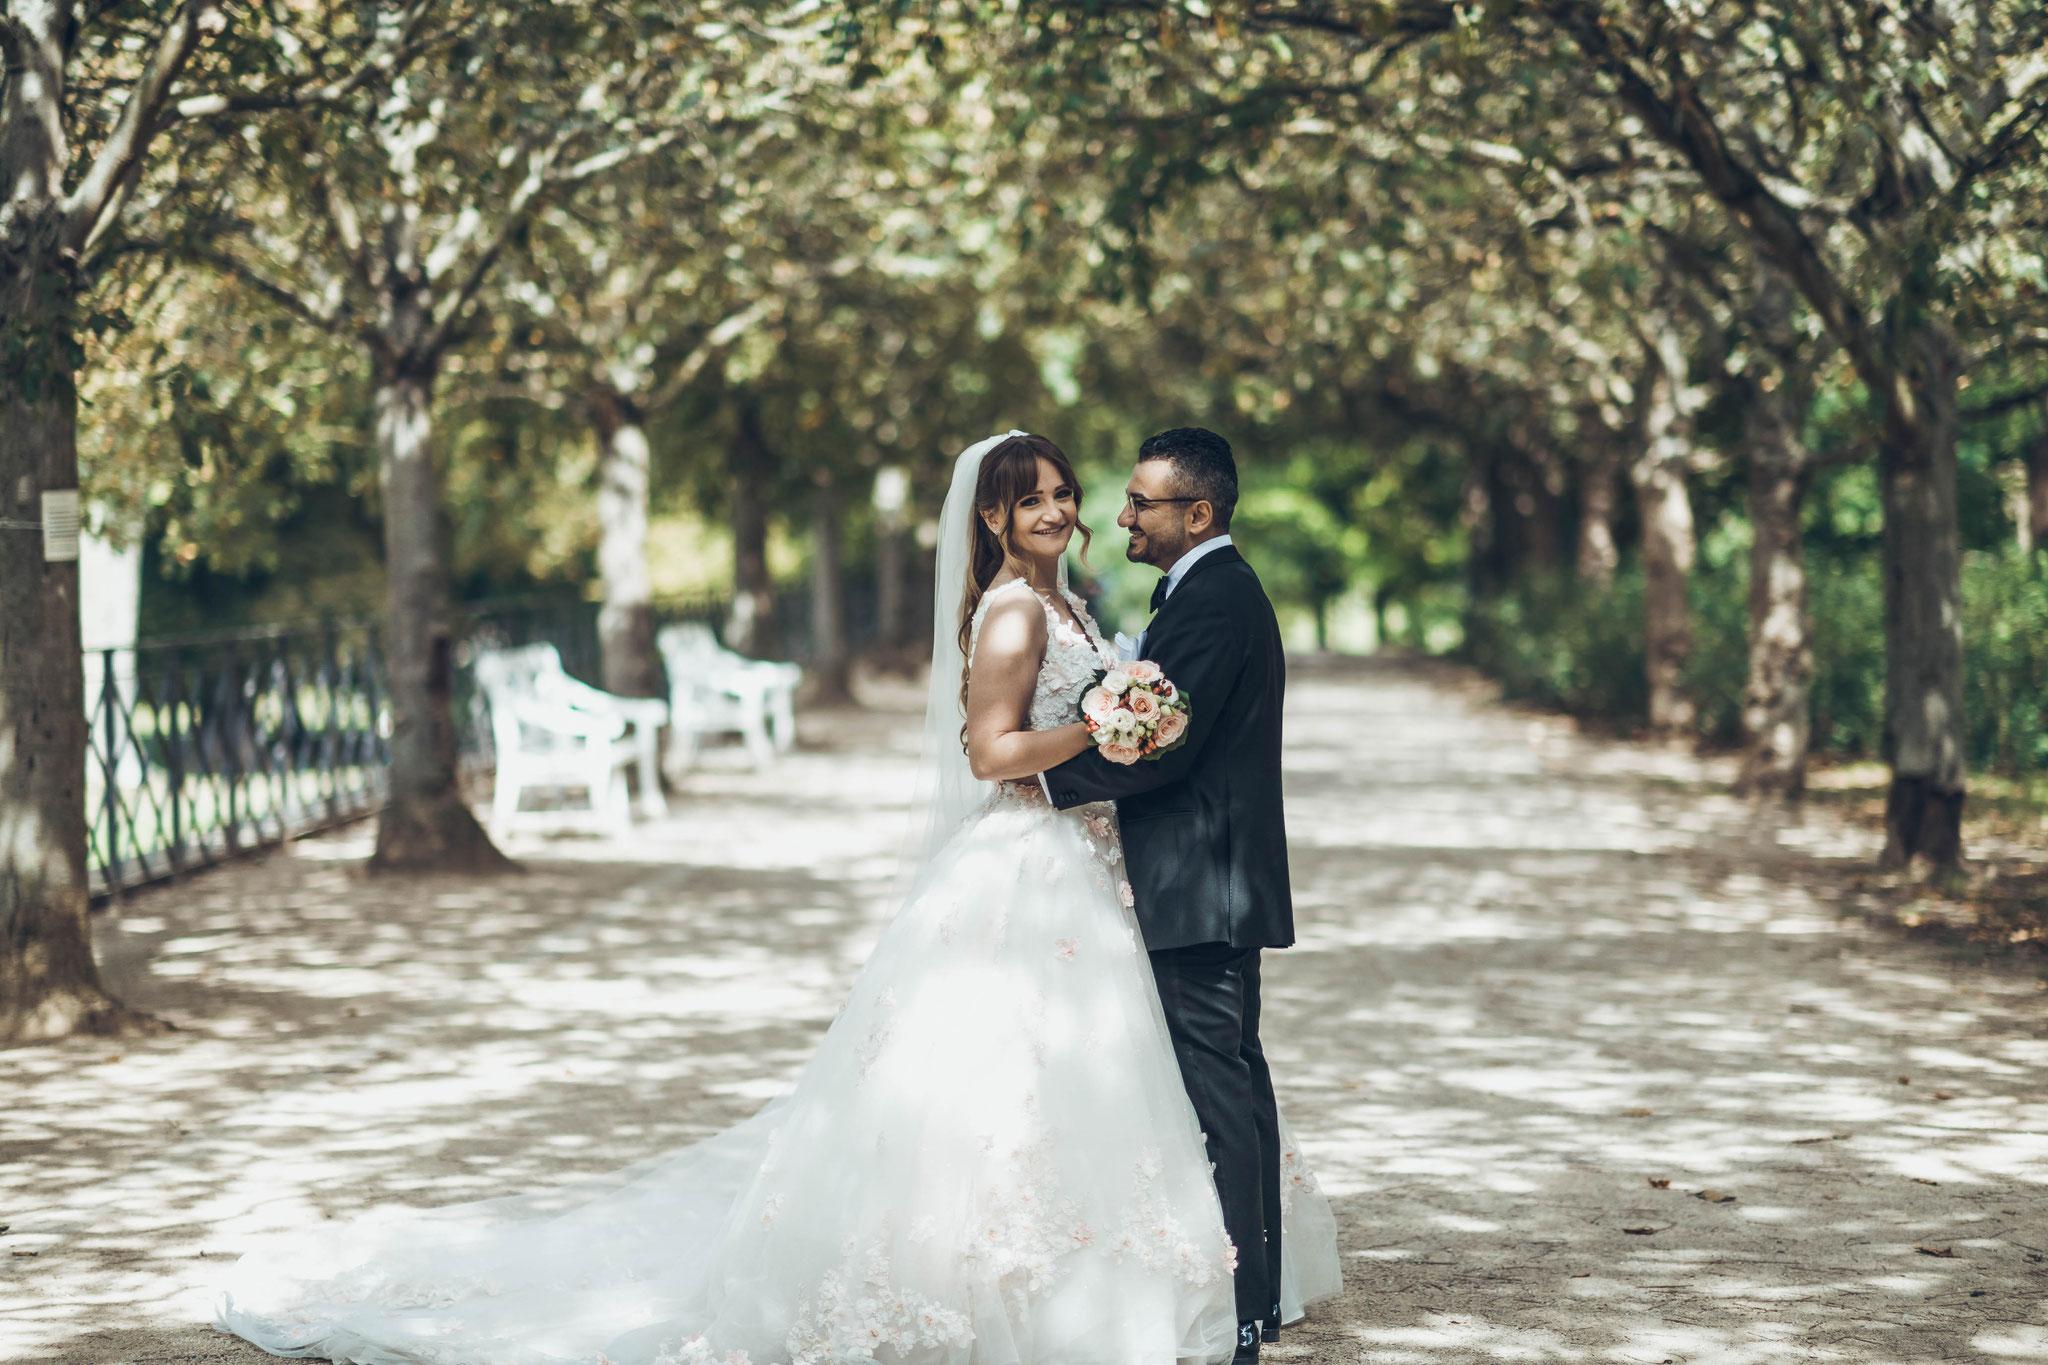 Hochzeitsfotograf für Ihre Hochzeit in Wiesbaden im Schlosspark